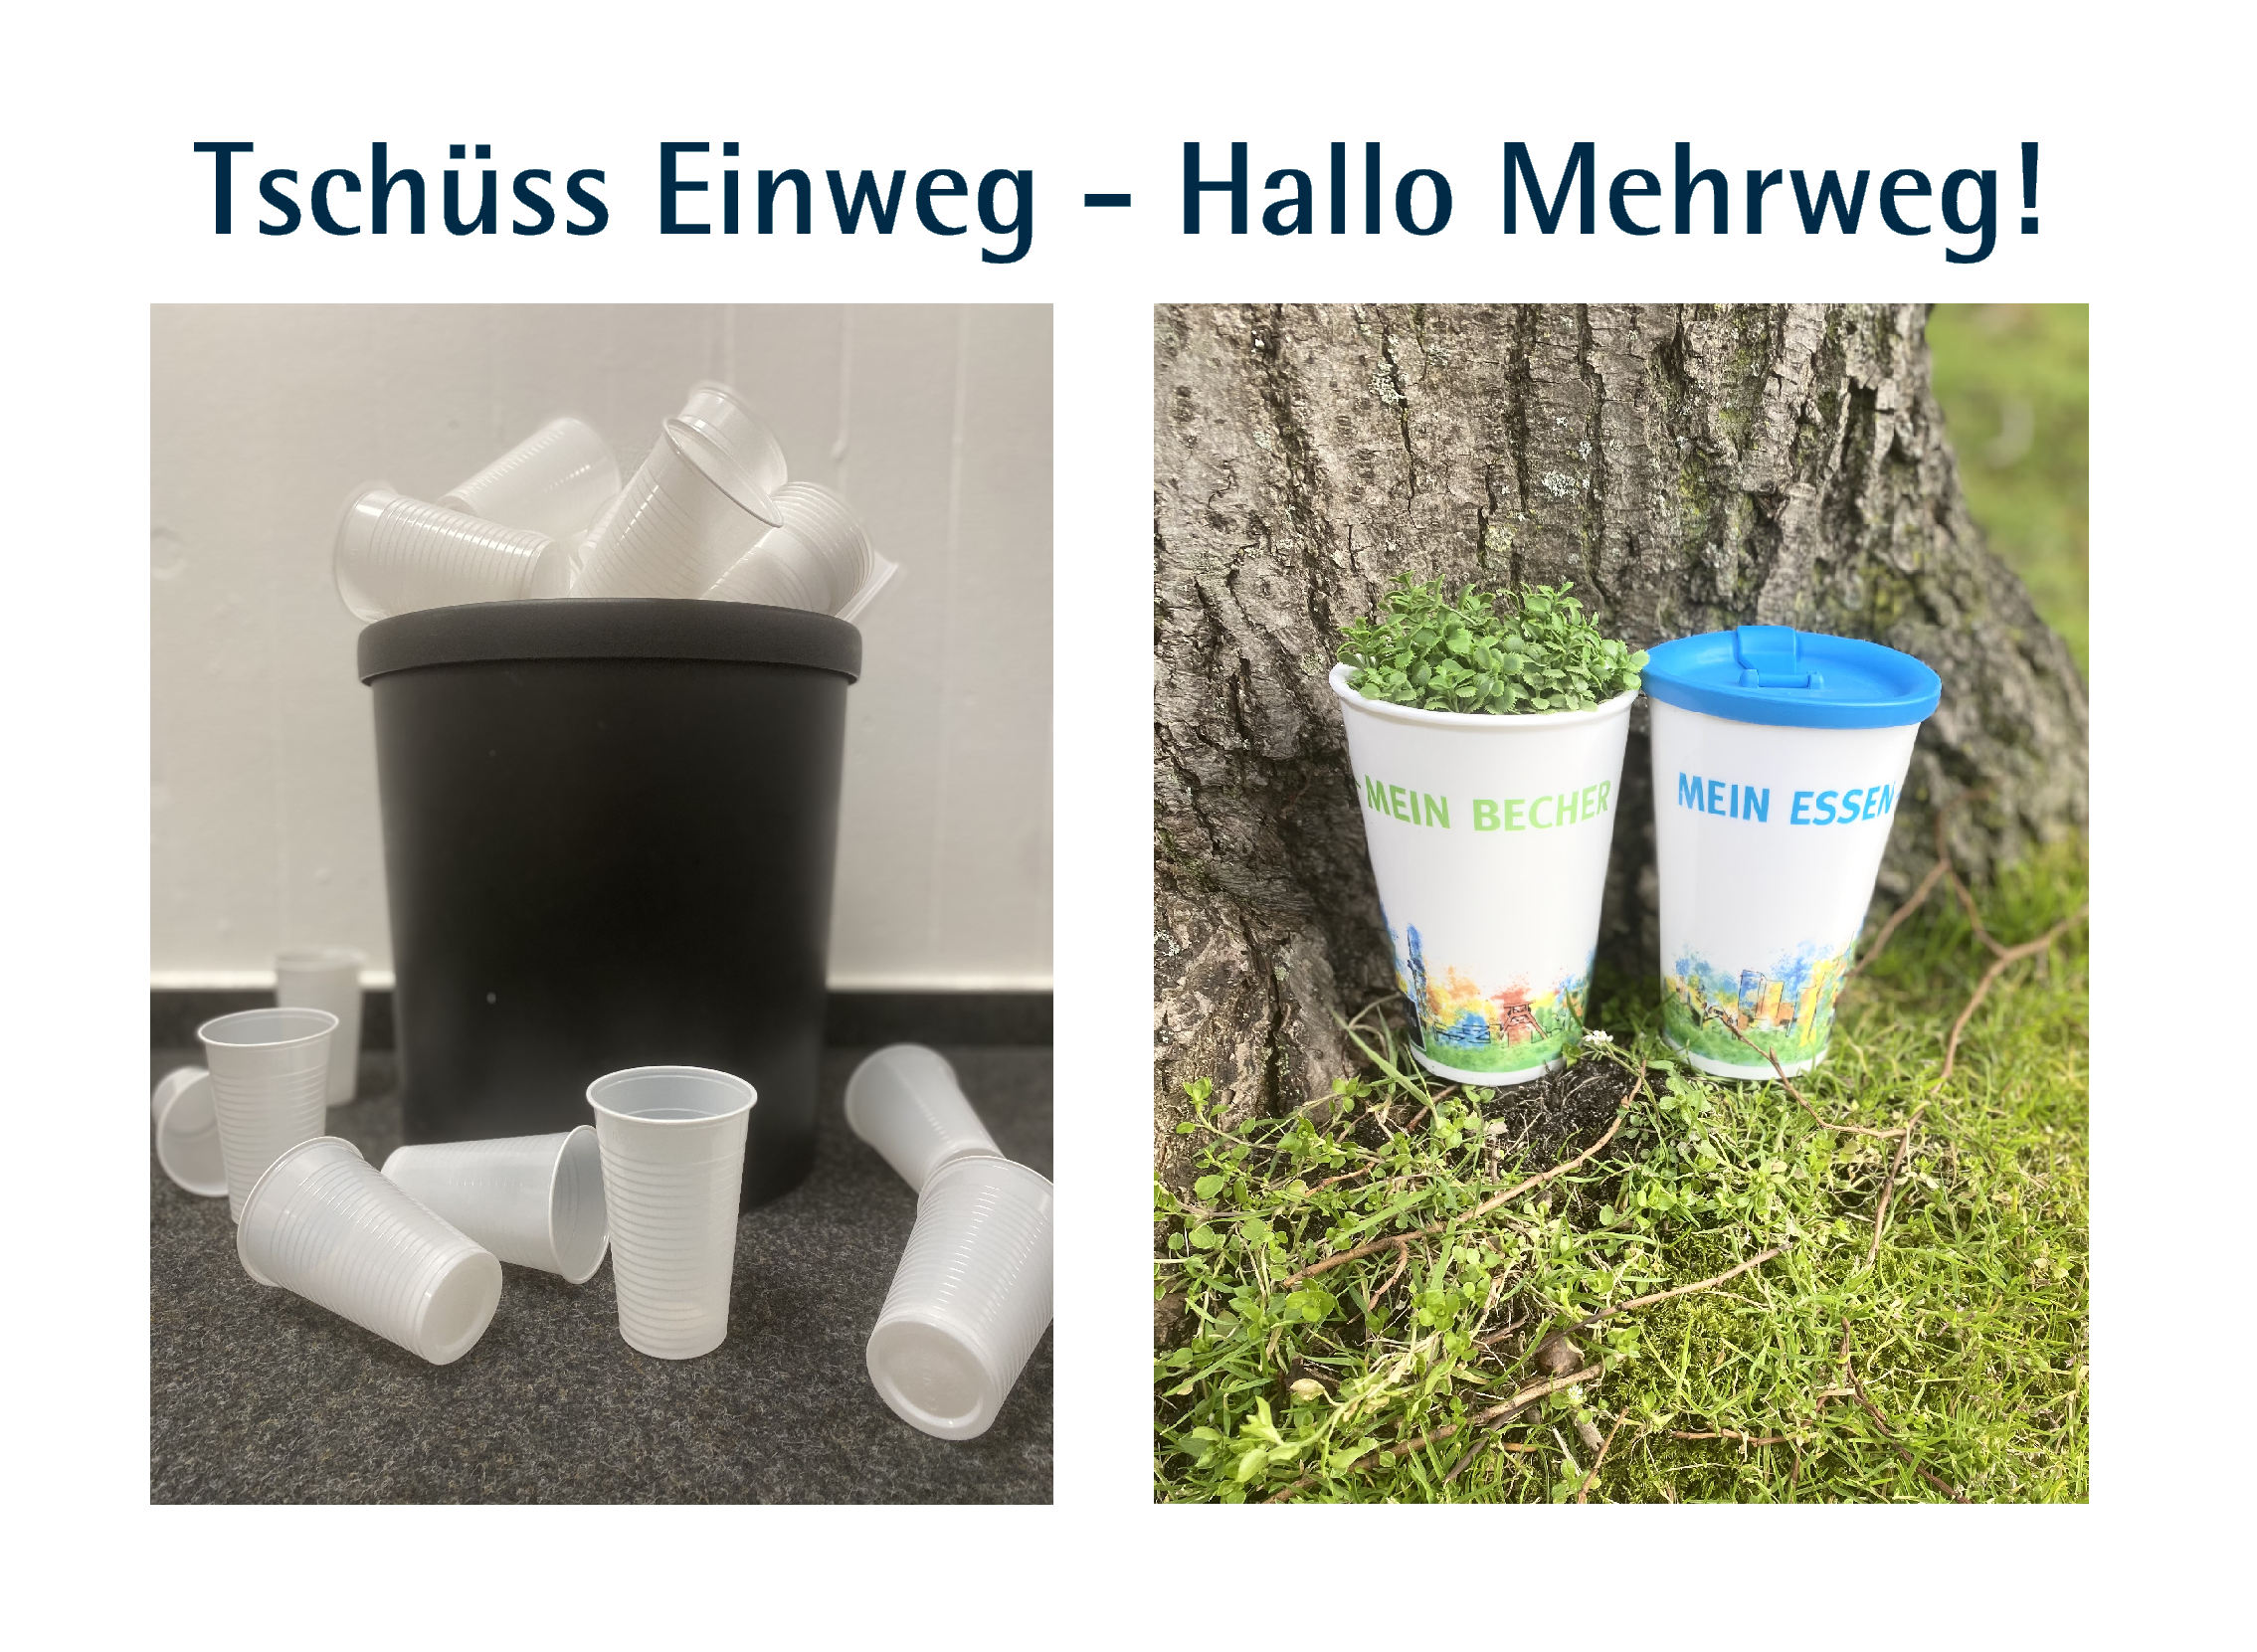 Zum Thema Nachhaltigkeit sind mehrere Plastikbecher in einem Mülleimer abgebildet. Daneben sind neue Mehrwegbecher im Grünen abgebildet.